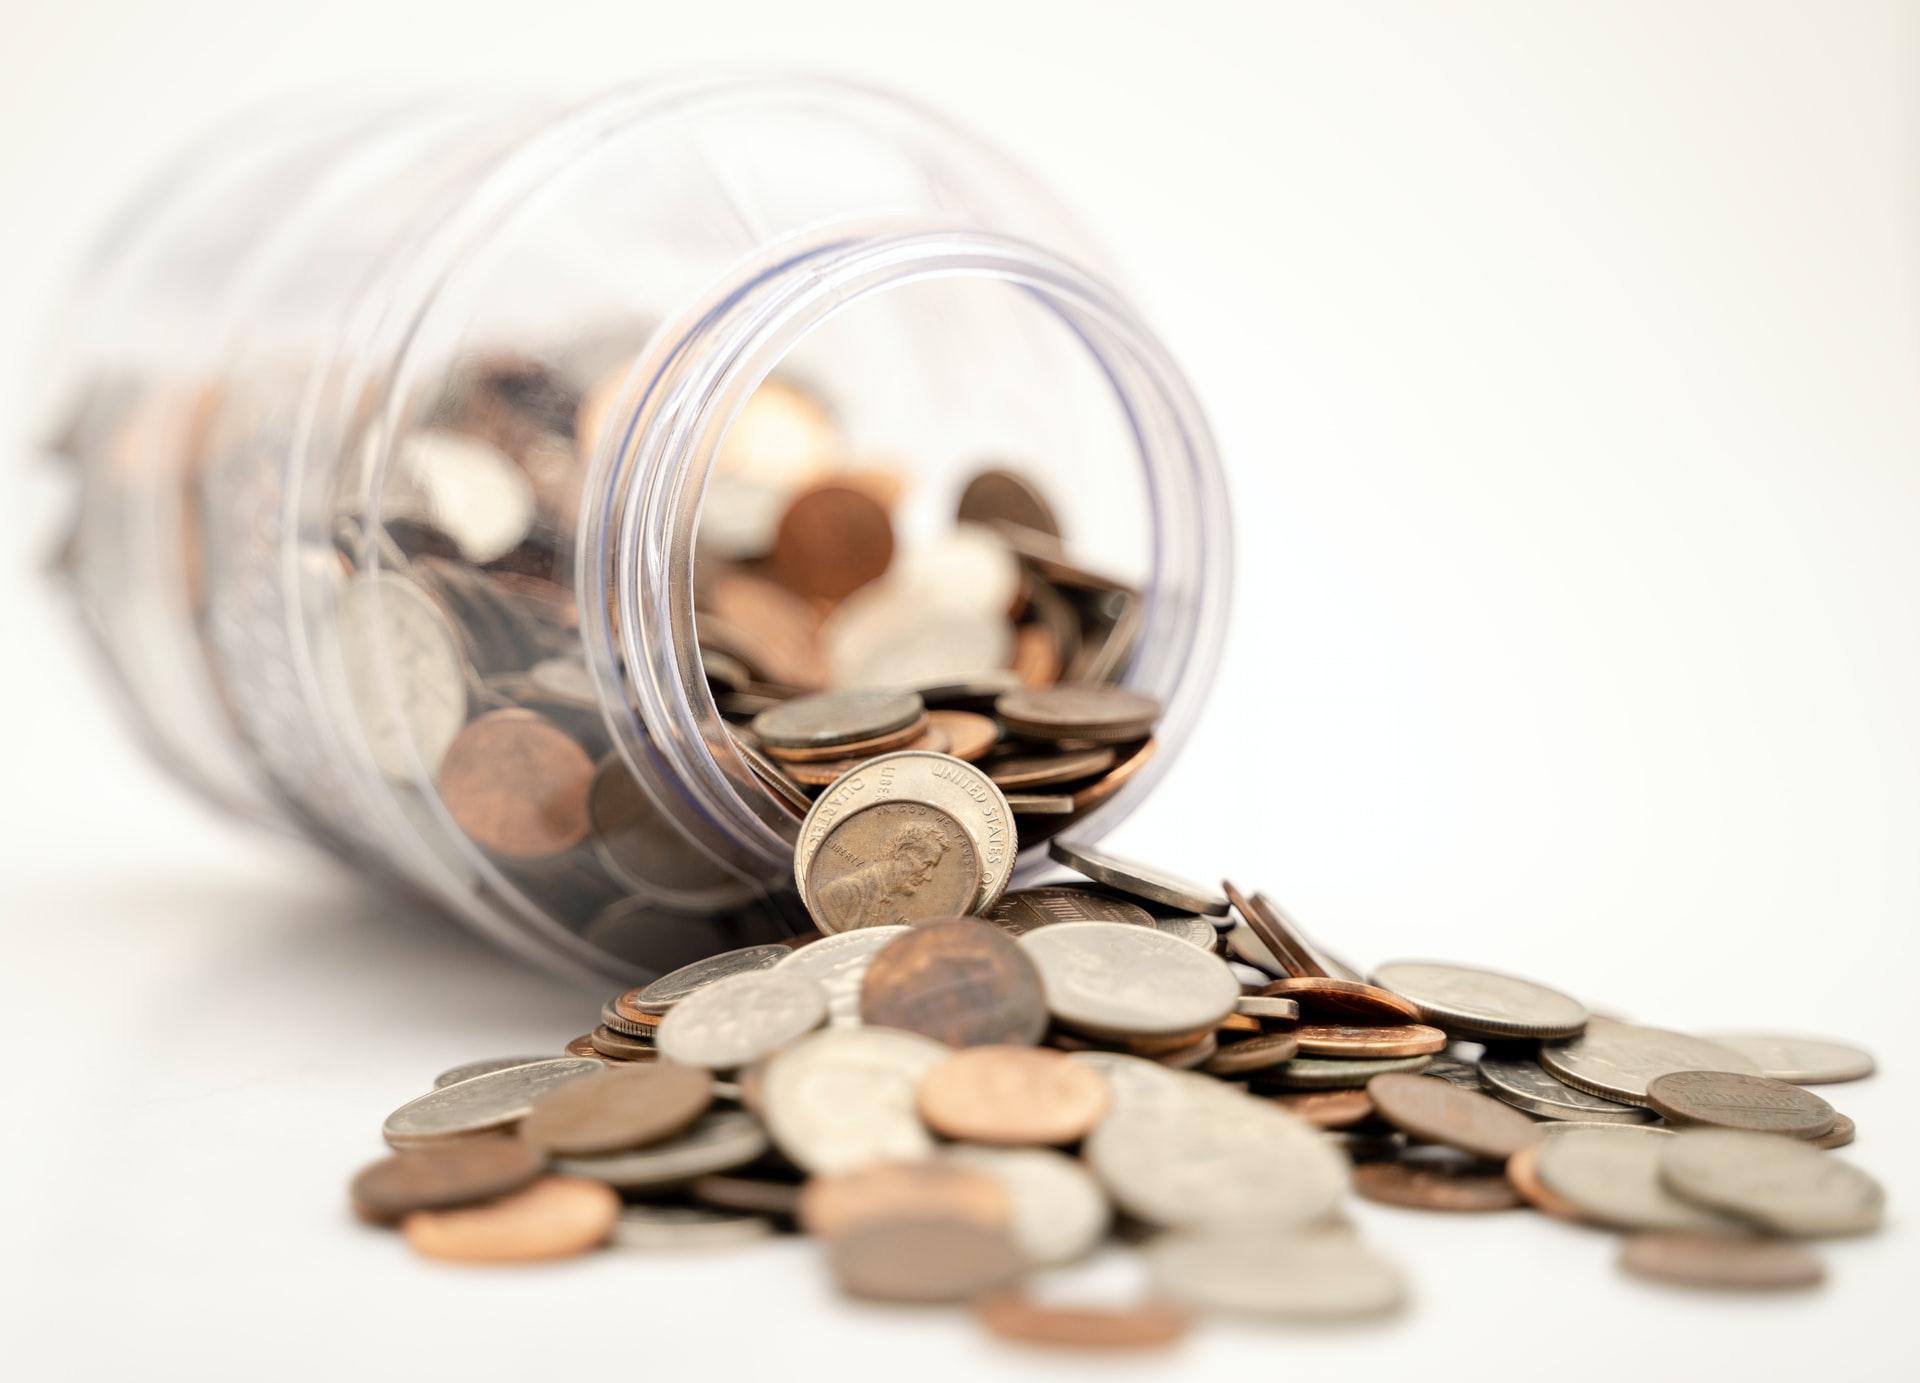 Sådan kan du sørge for, at du får det helt rigtige samle lån